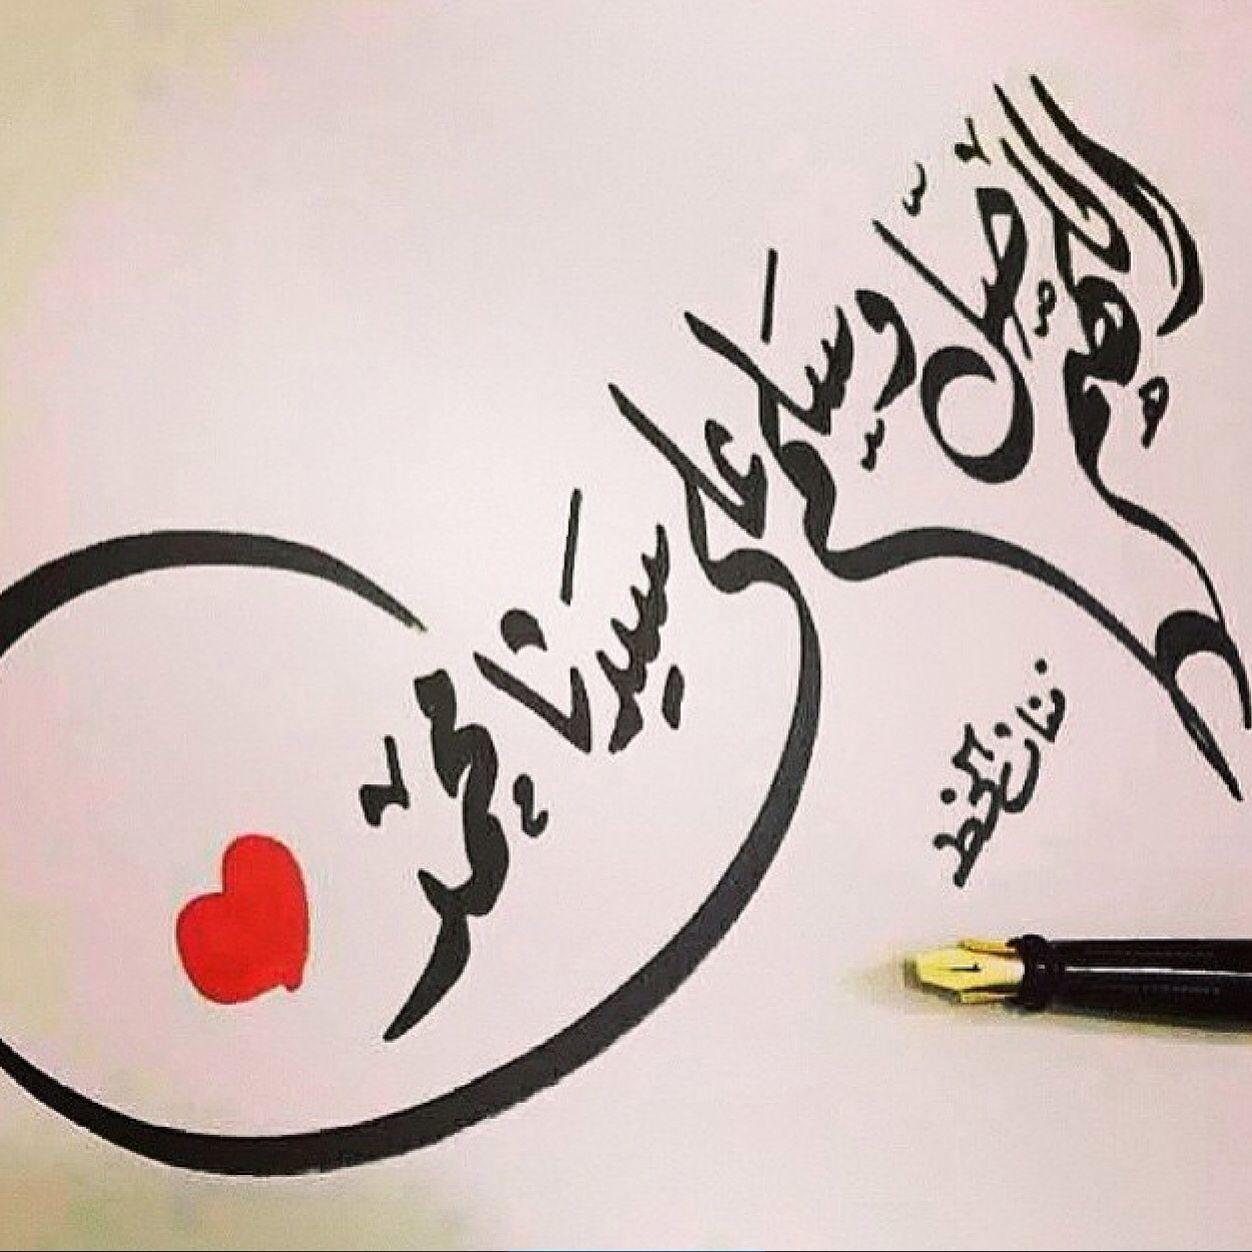 سيدي رسول الله ﷺ رغم عظمة قدره كان متواضعا غير متكل ف بسيطا مع الناس Islamic Calligraphy Islamic Calligraphy Painting Islamic Caligraphy